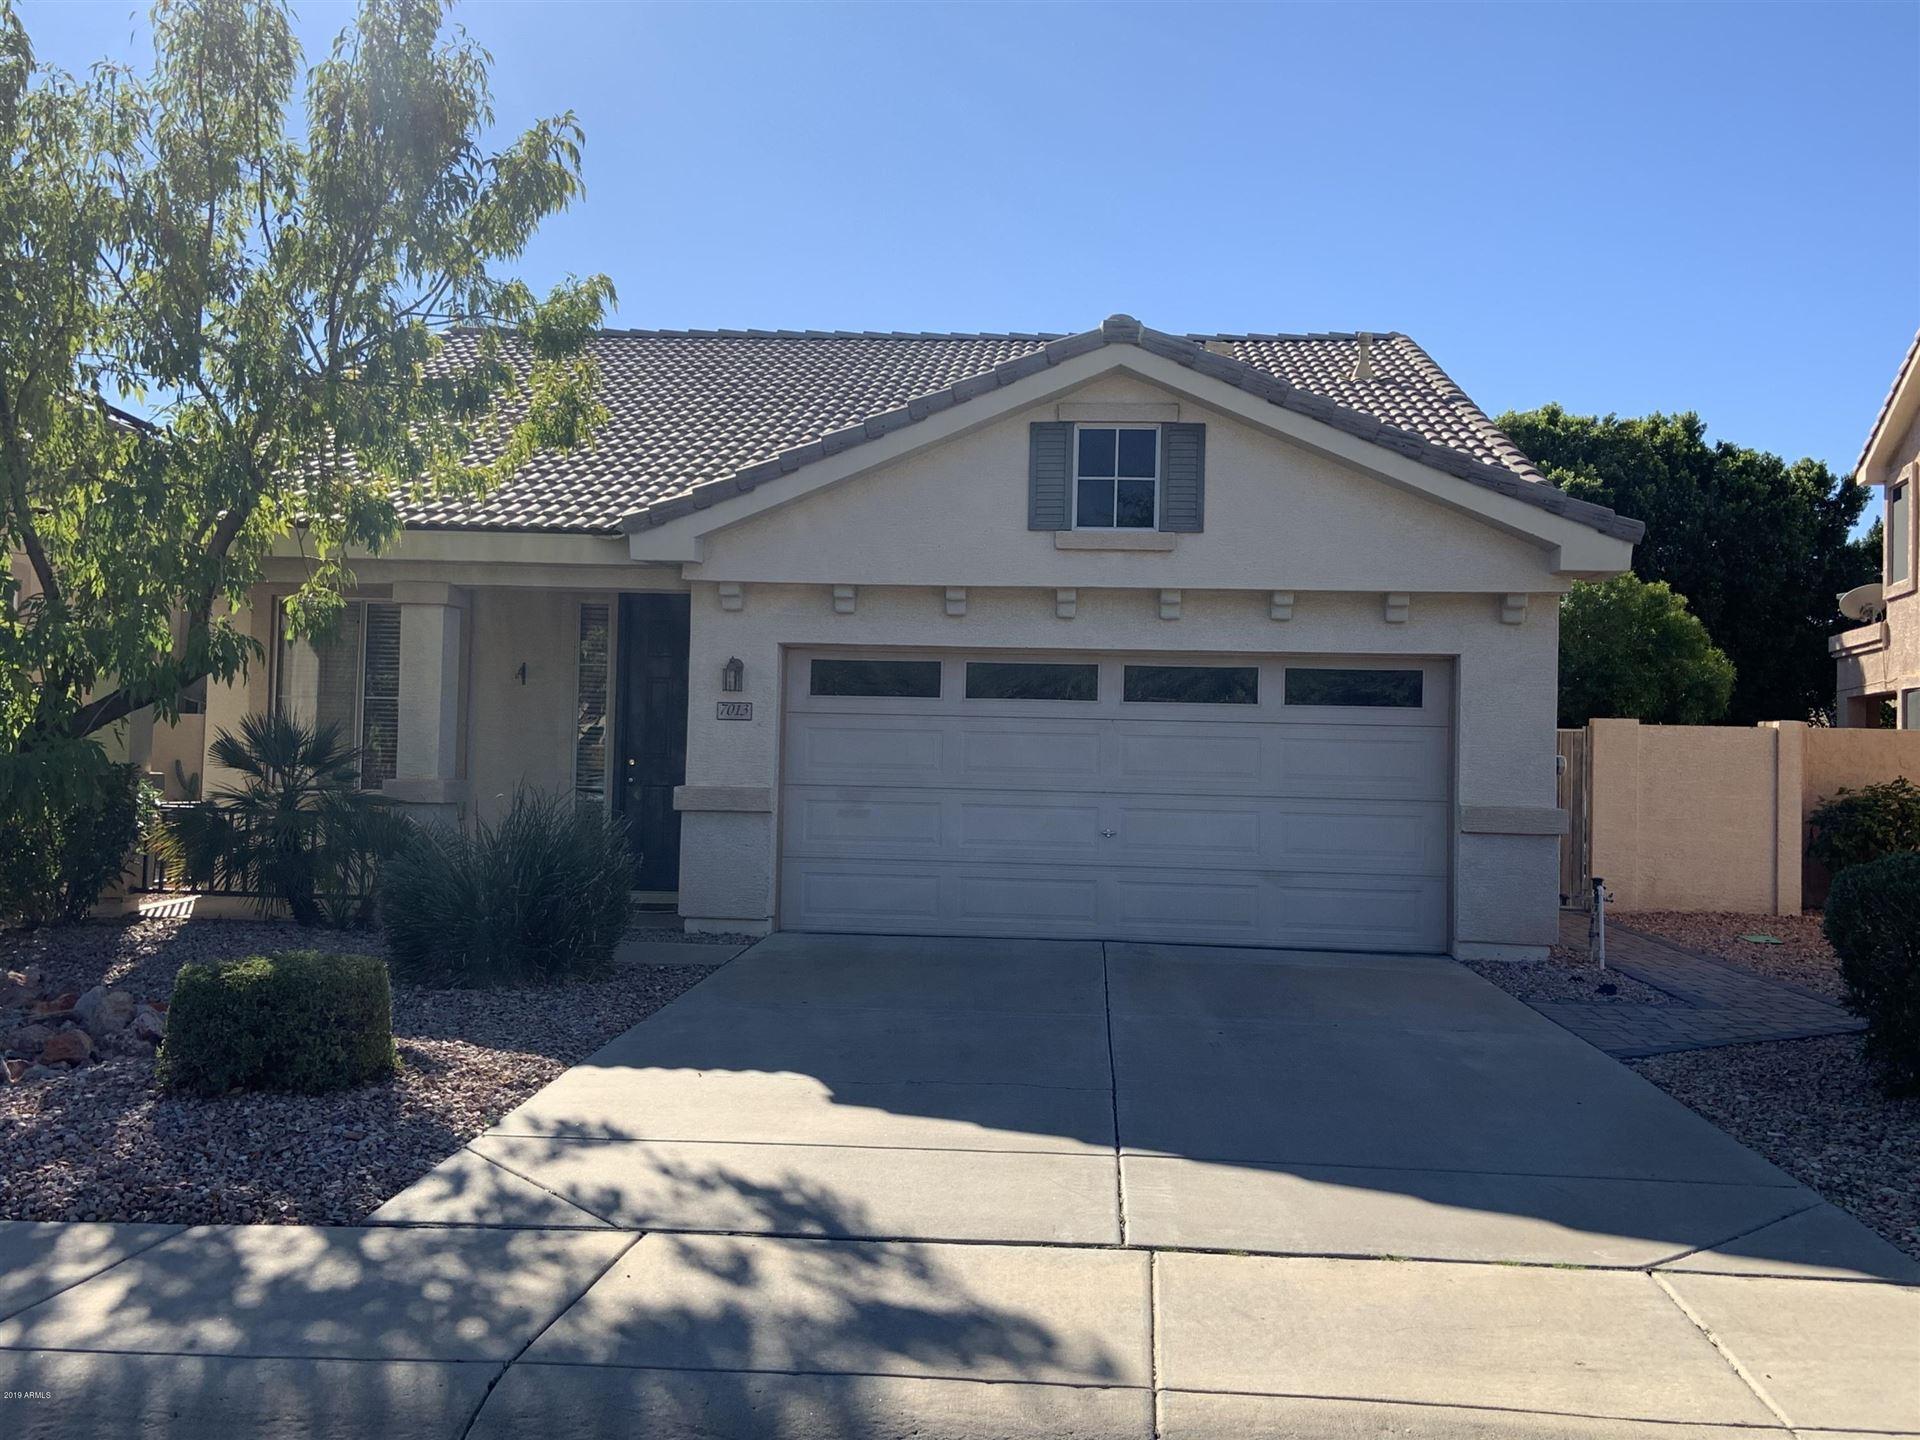 7013 W TONOPAH Drive, Glendale, AZ 85308 - MLS#: 6229533